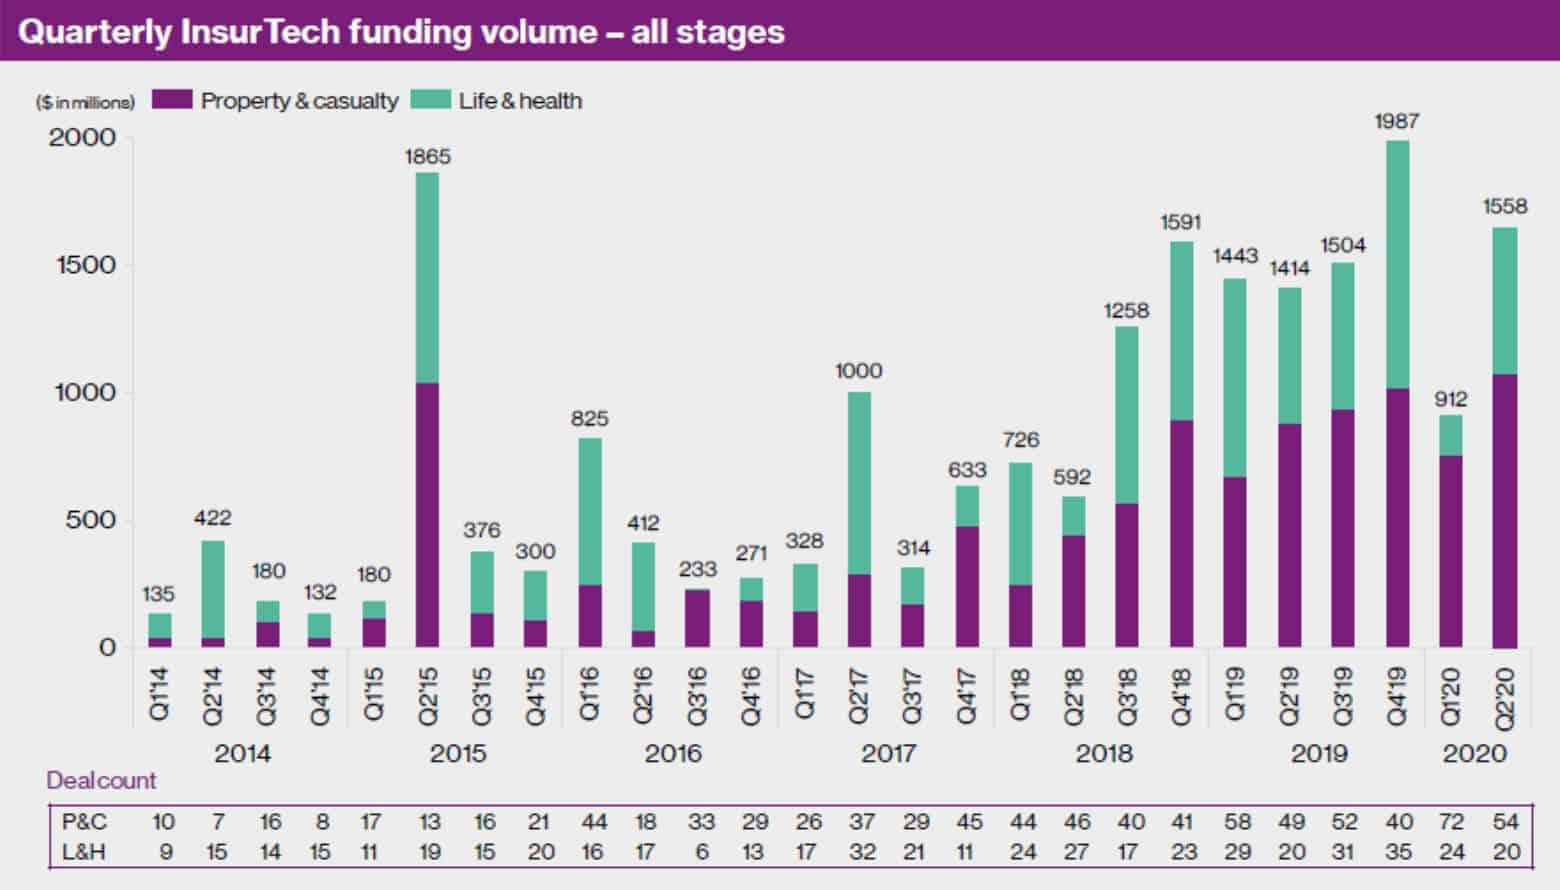 Nach einem starken Einbruch der Investorengeldern konnten Insurtech im Q2/2020 wieder deutlich mehr Kapital einsammeln.<Q>Willis Towers Watson